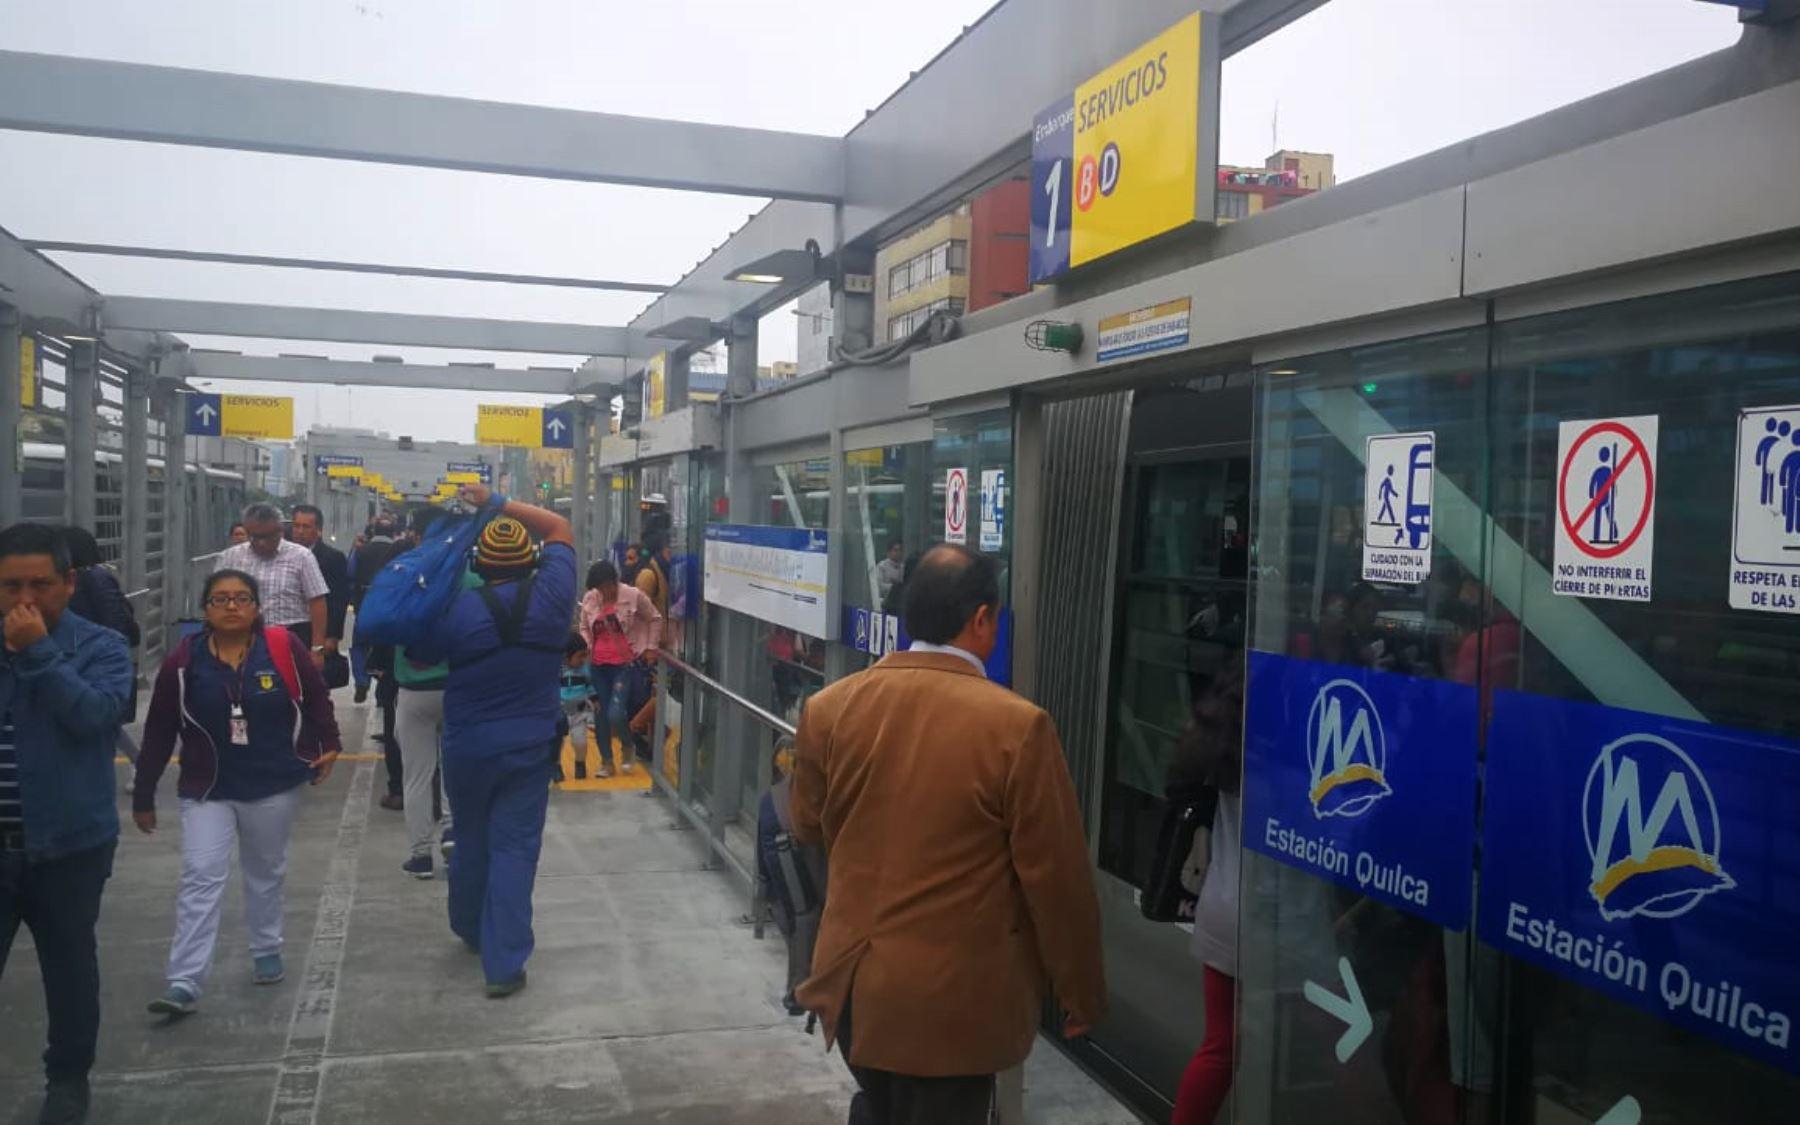 """Hoy miércoles 7 de noviembre """"por decisión arbitraria de los concesionarios Lima Vías Express, Transvial Lima, Perú Masivo y Lima Bus Internacional, se aplicarán las nuevas tarifas de los servicios del Metropolitano"""".Las tarifas se elevaron de 2.50 a 2.85 soles y de 0.50 a 0.55 soles, dependiendo del servicio. Foto: ANDINA/Jack Ramón"""